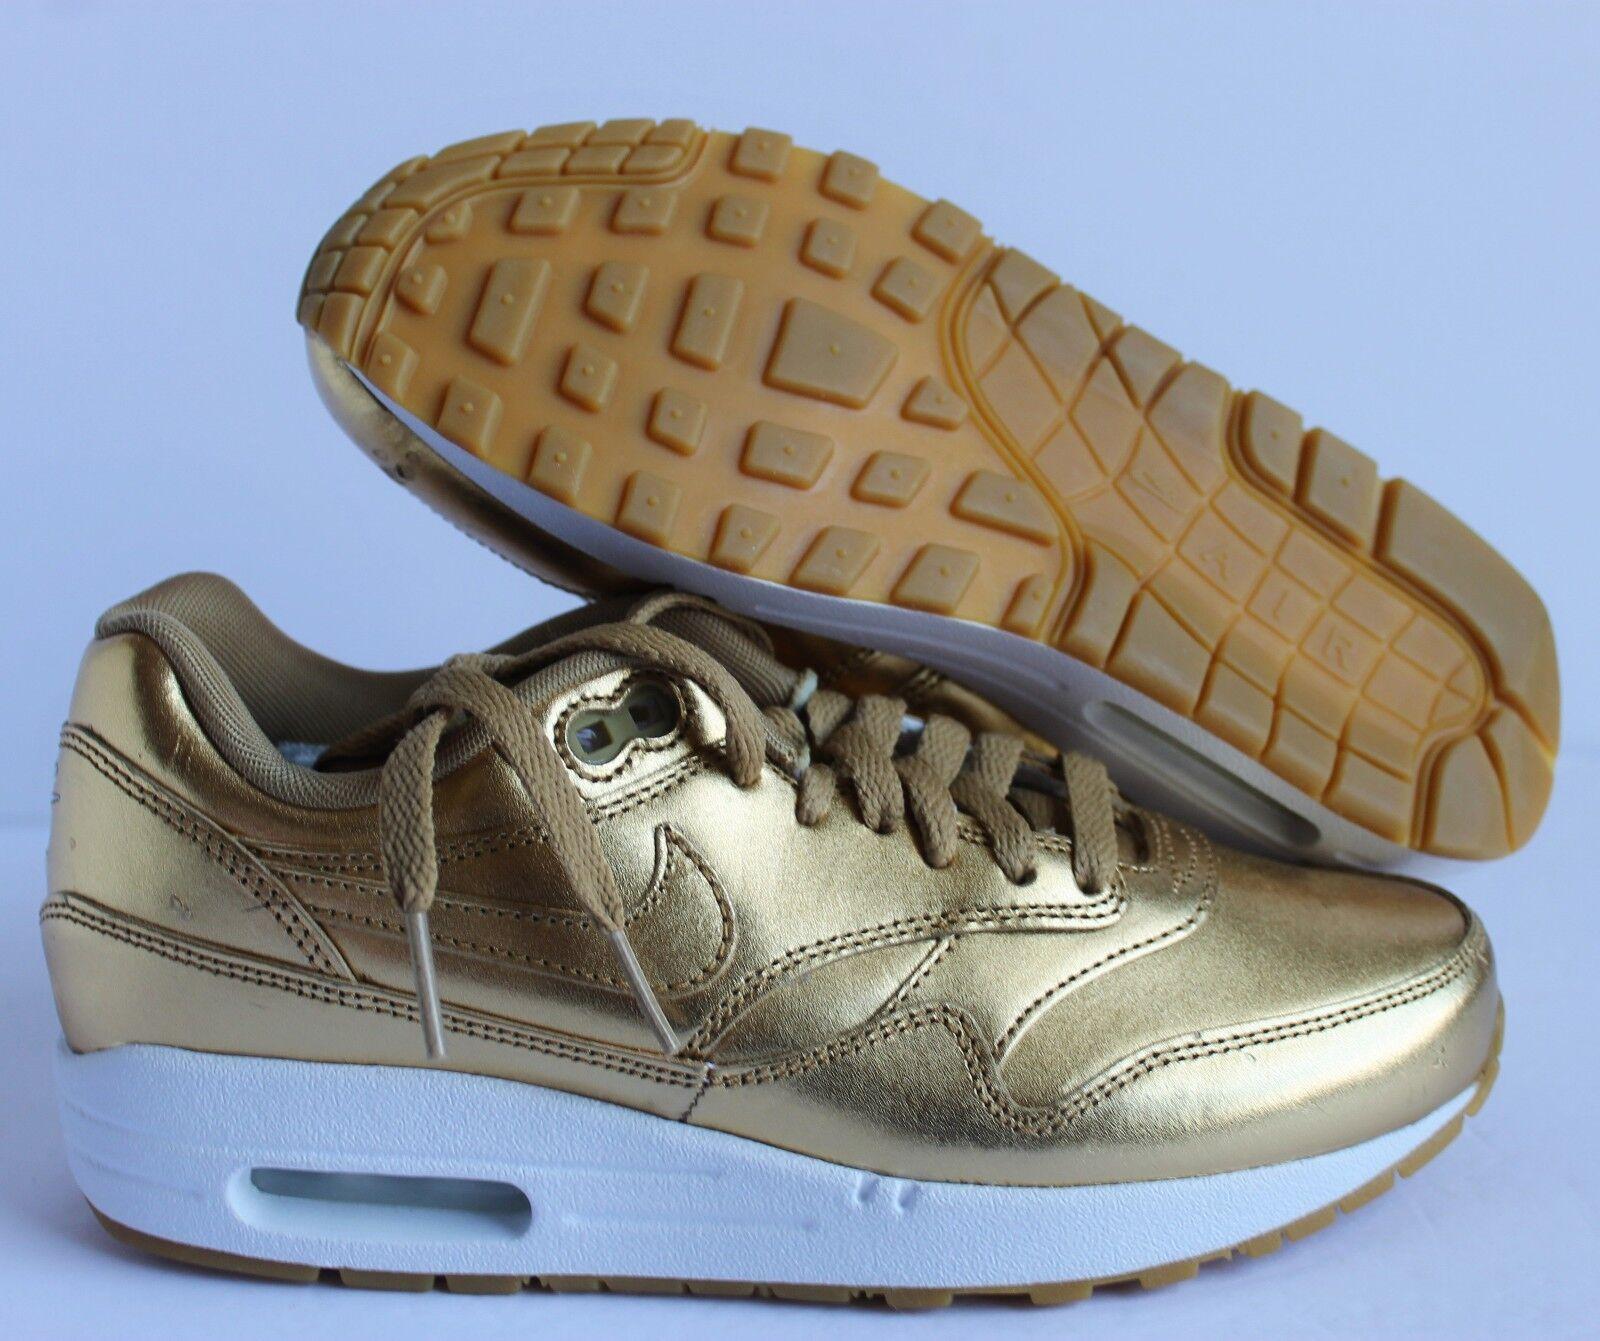 Nike Donna Air Max 1 ID Metallic Gold-White-Gum SZ 6.5 [823375-993]